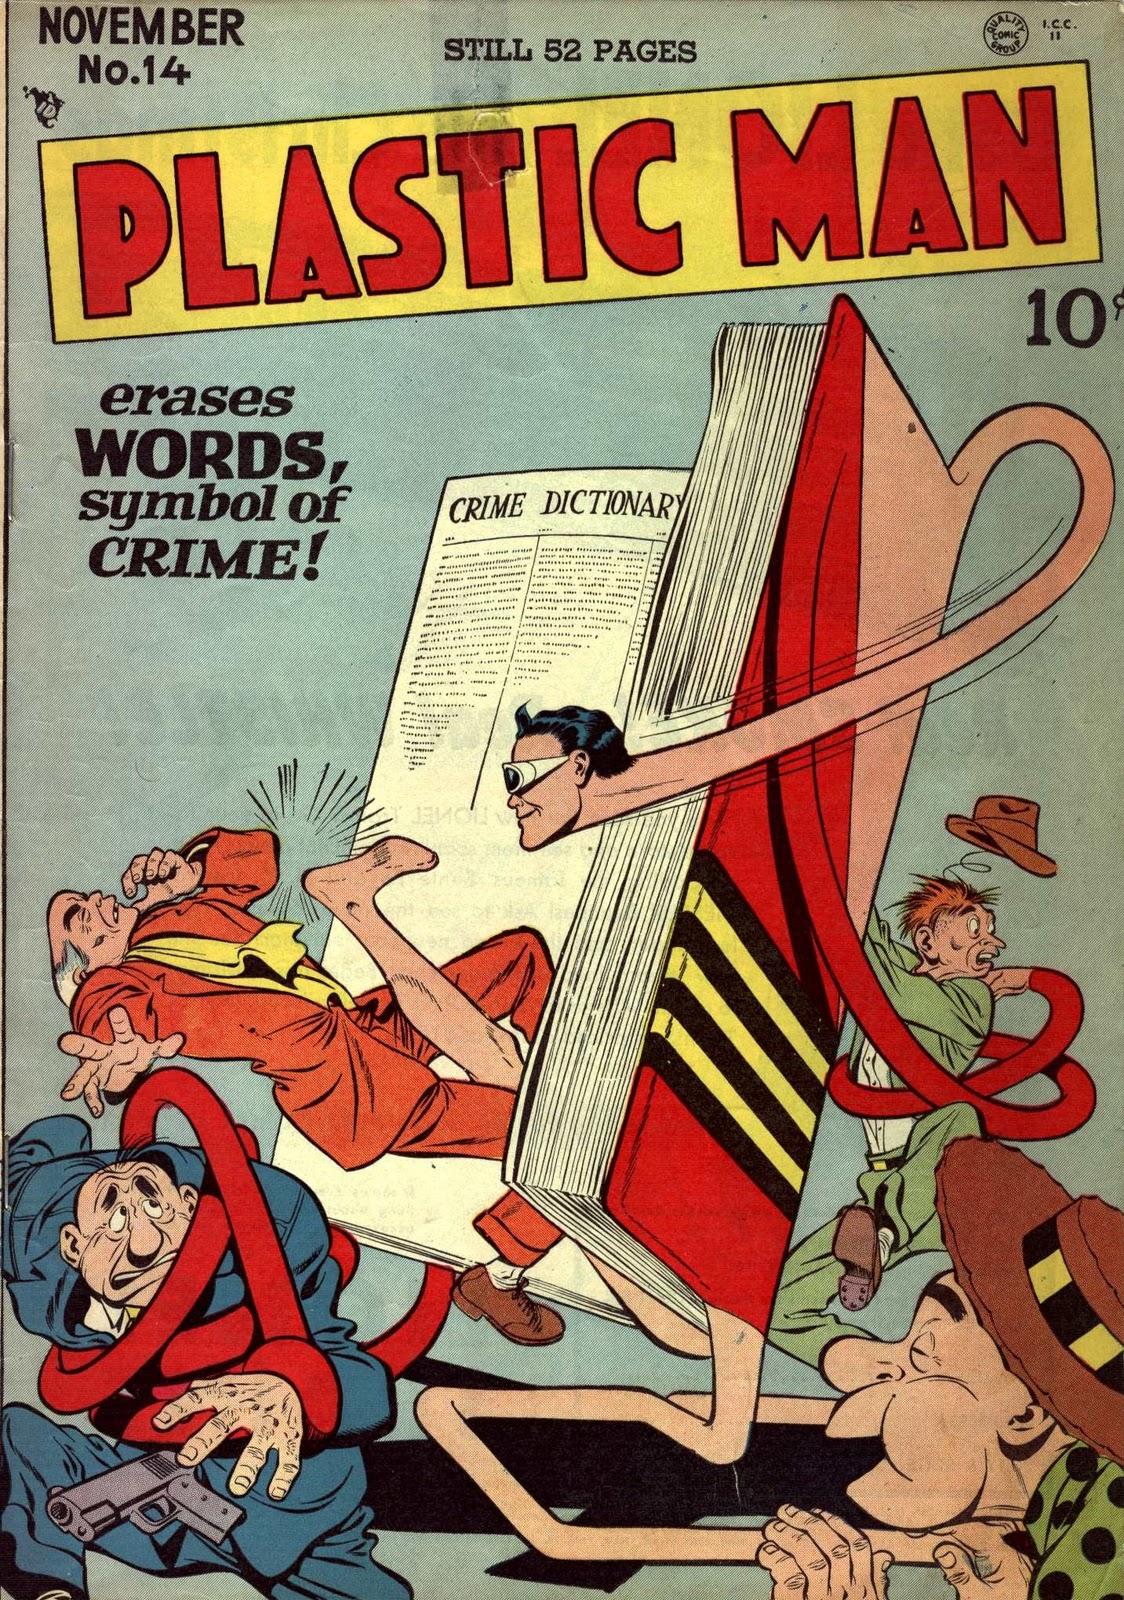 Top 5 Funniest Superheroes - Plastic Man